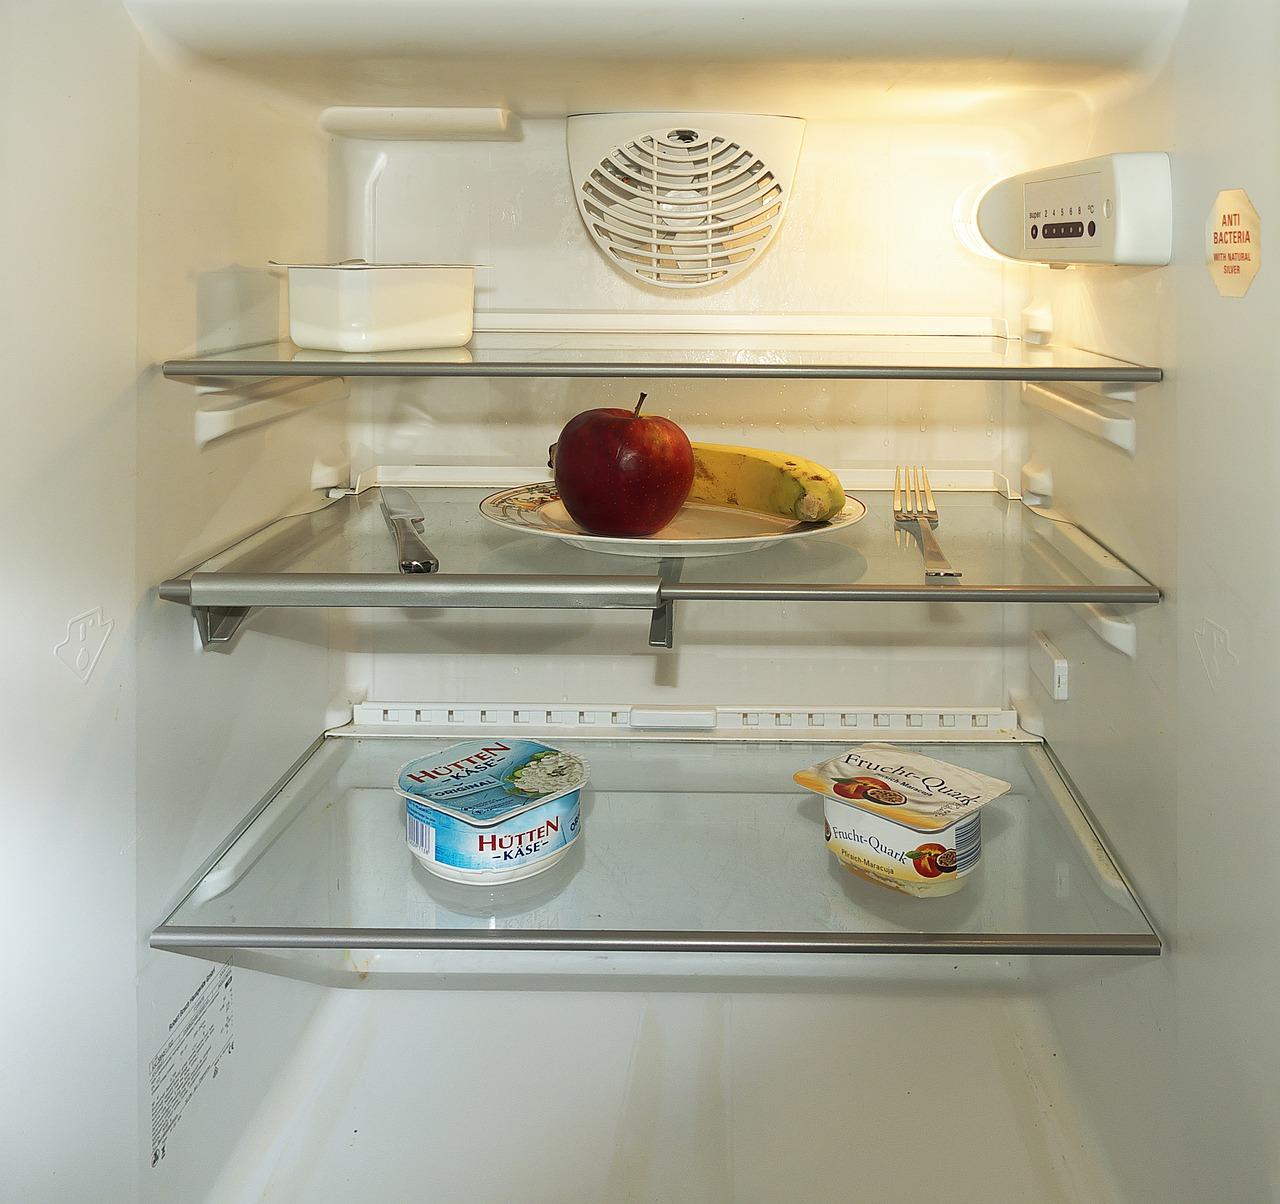 Jak ograniczyć wydatki na jedzeniu - pusta lodówka